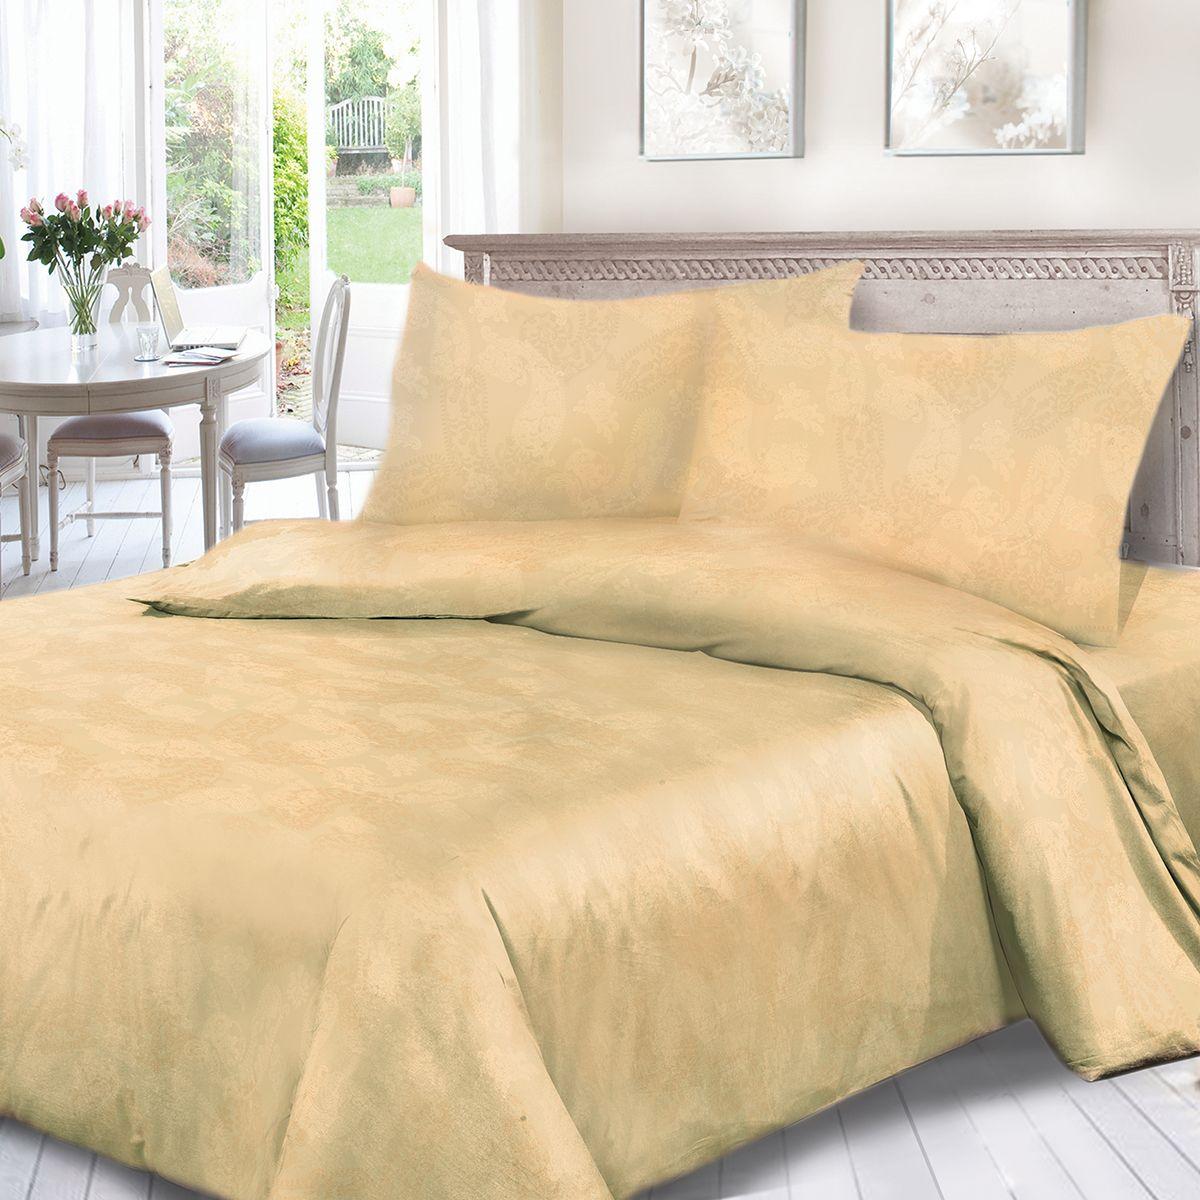 Комплект белья Сорренто Жаккард, 1,5 спальное, наволочки 70x70, цвет: бежевый. 3558-287885